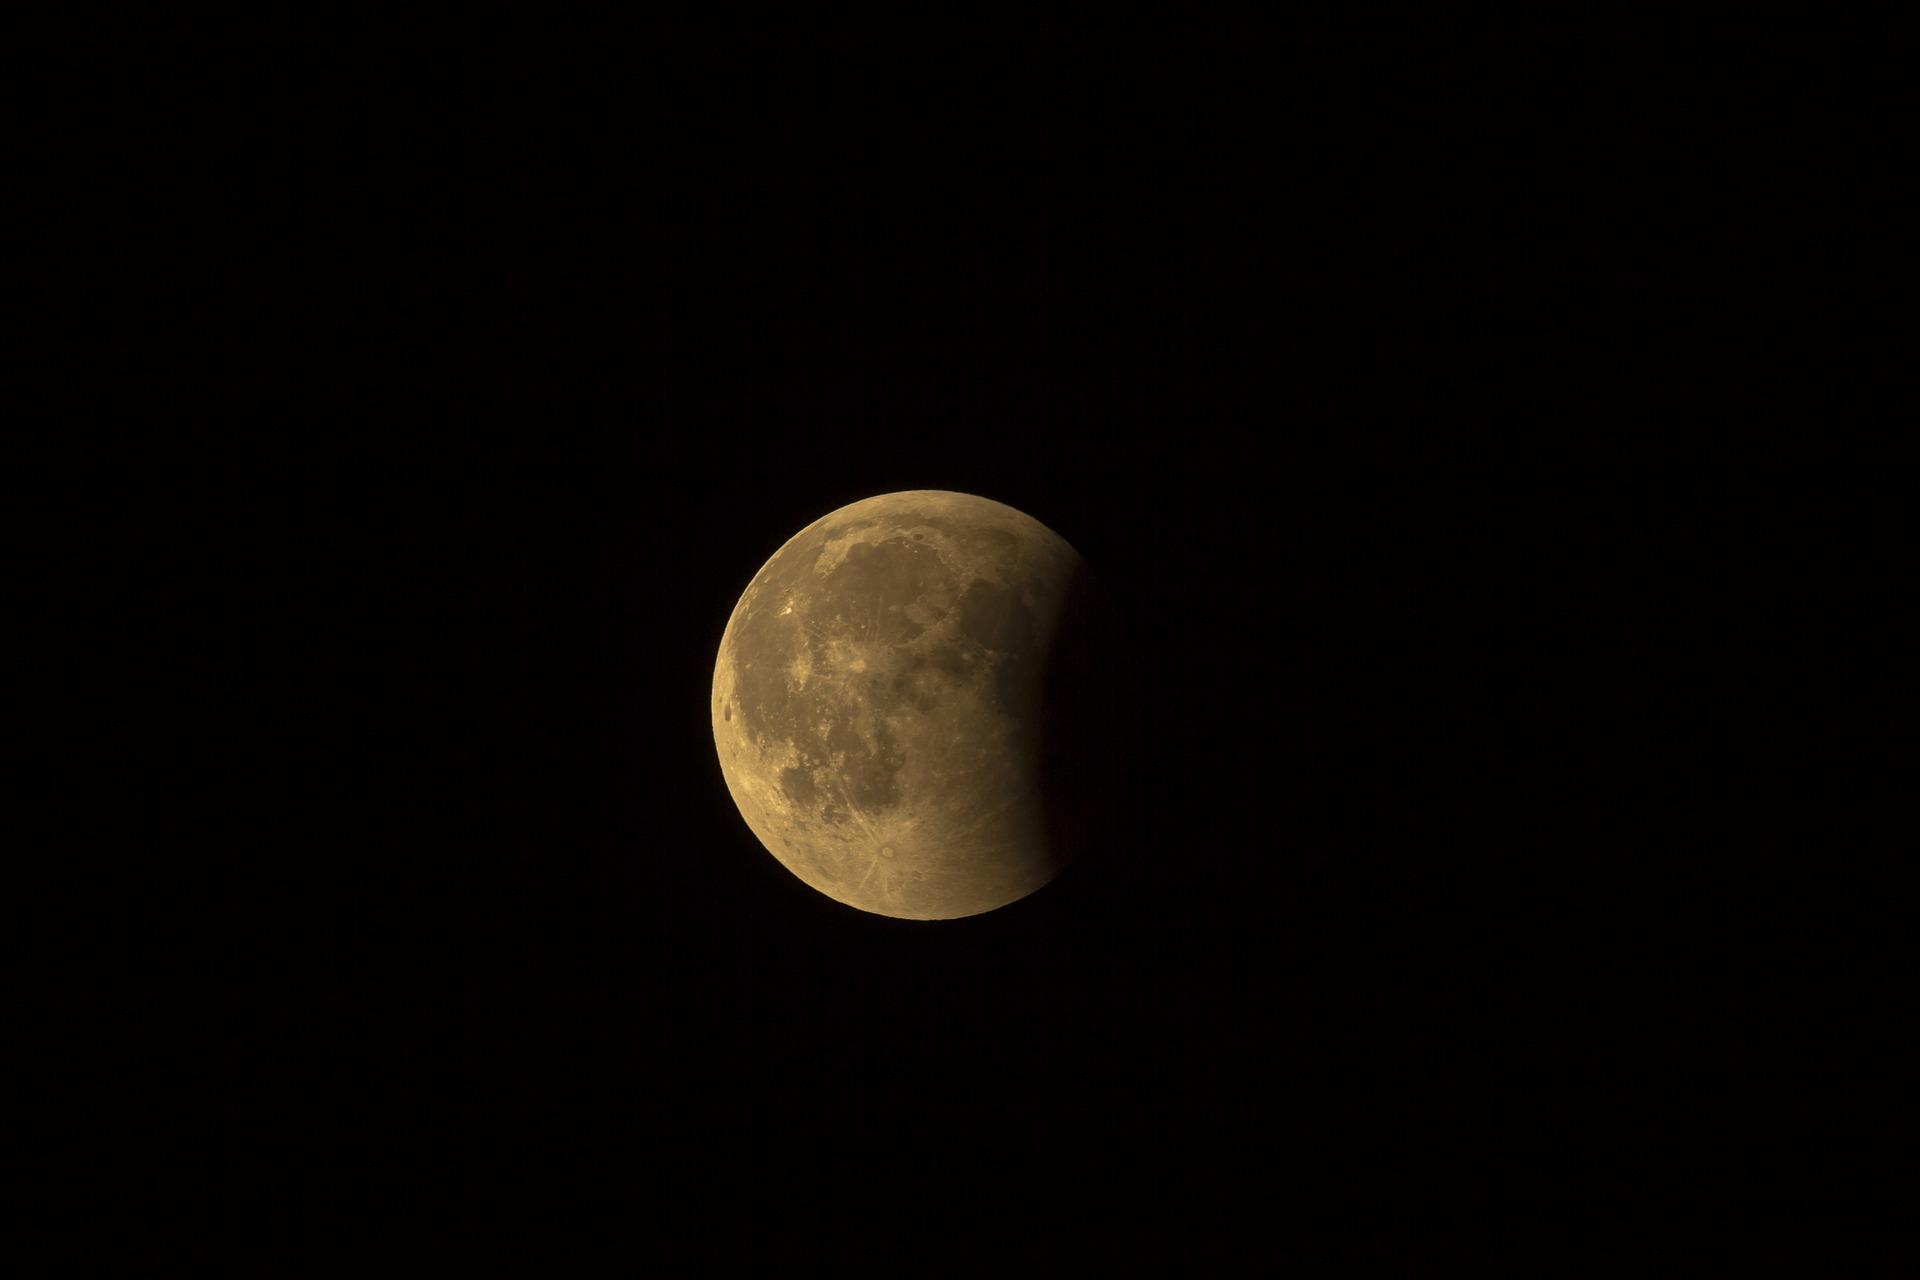 naturalny satelita ziemi, księżyc, astronomia, kosmos